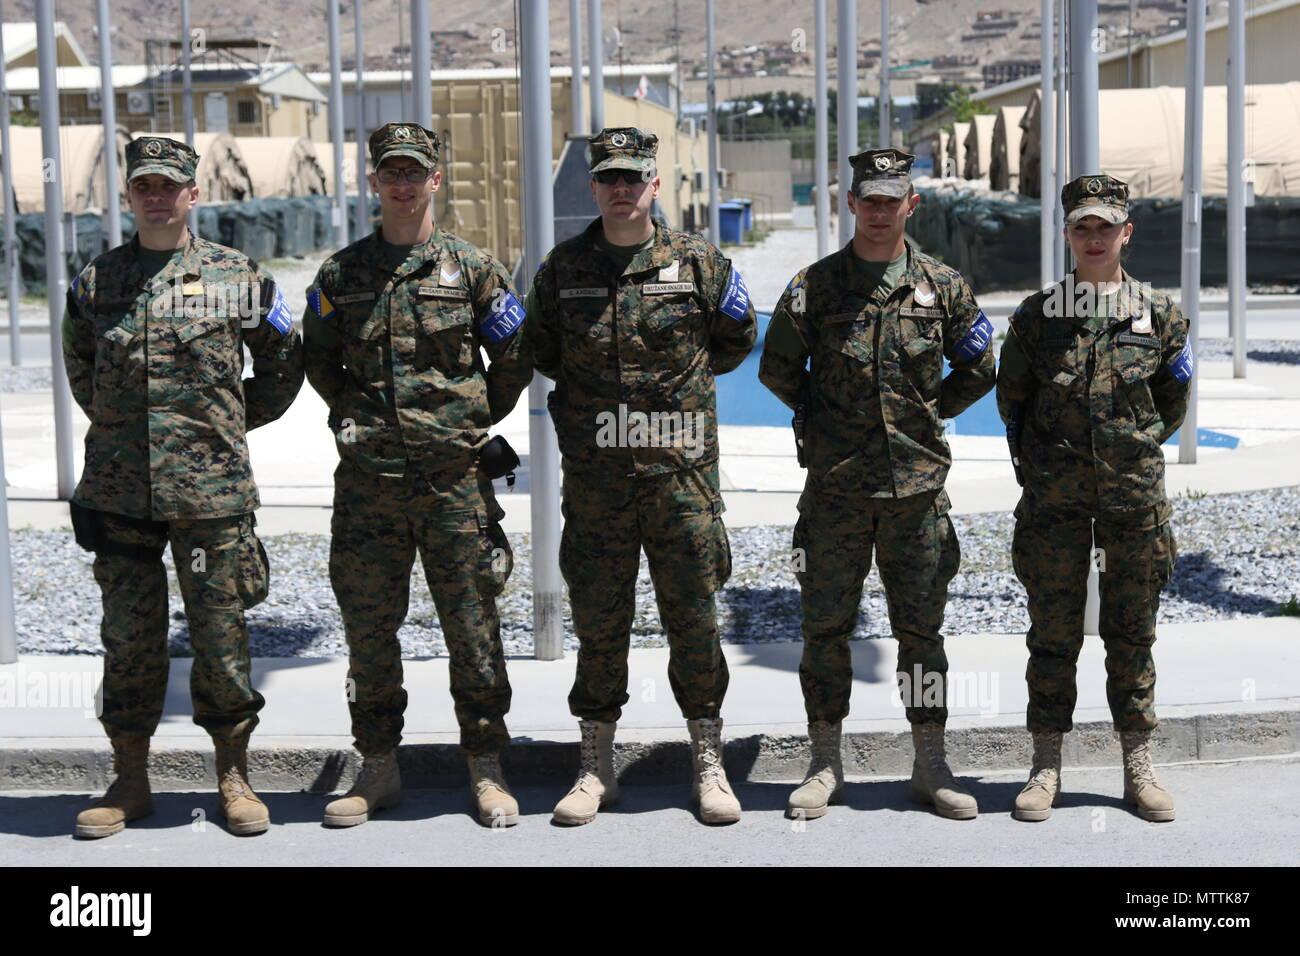 KABUL, Afganistán (Mayo 27, 2018) - Policía Militar Internacional de Bosnia y Herzegovina posan para una fotografía de grupo, en el Aeropuerto Internacional de Hamid Karzai, 27 de mayo de 2018. Bosnia y Herzegovina es una de las 39 naciones que juegan un papel integral en el decidido apoyo de la OTAN la misión. Apoyo decidido (Foto por Jordania Belser) Foto de stock